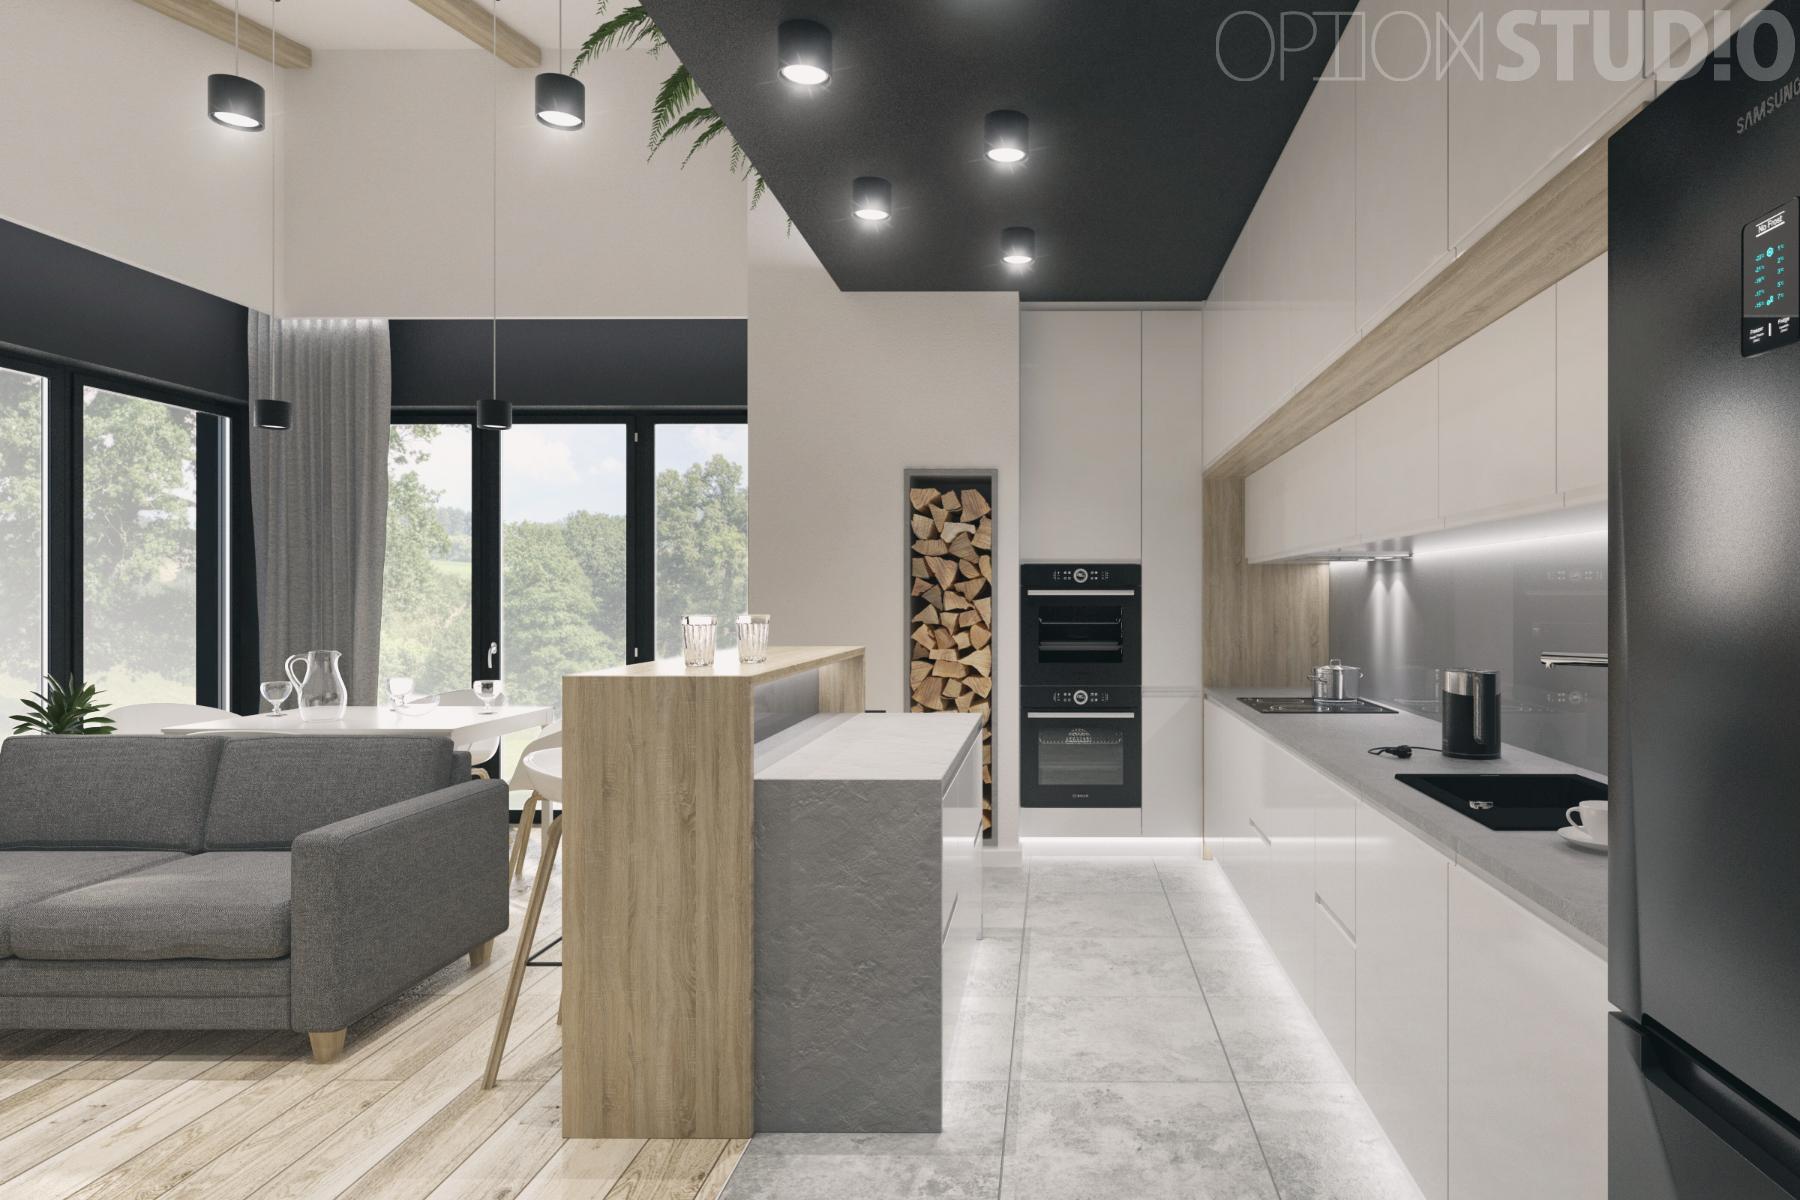 Projekty wnetrz nowoczesnych - salon i kuchnia z wyspa